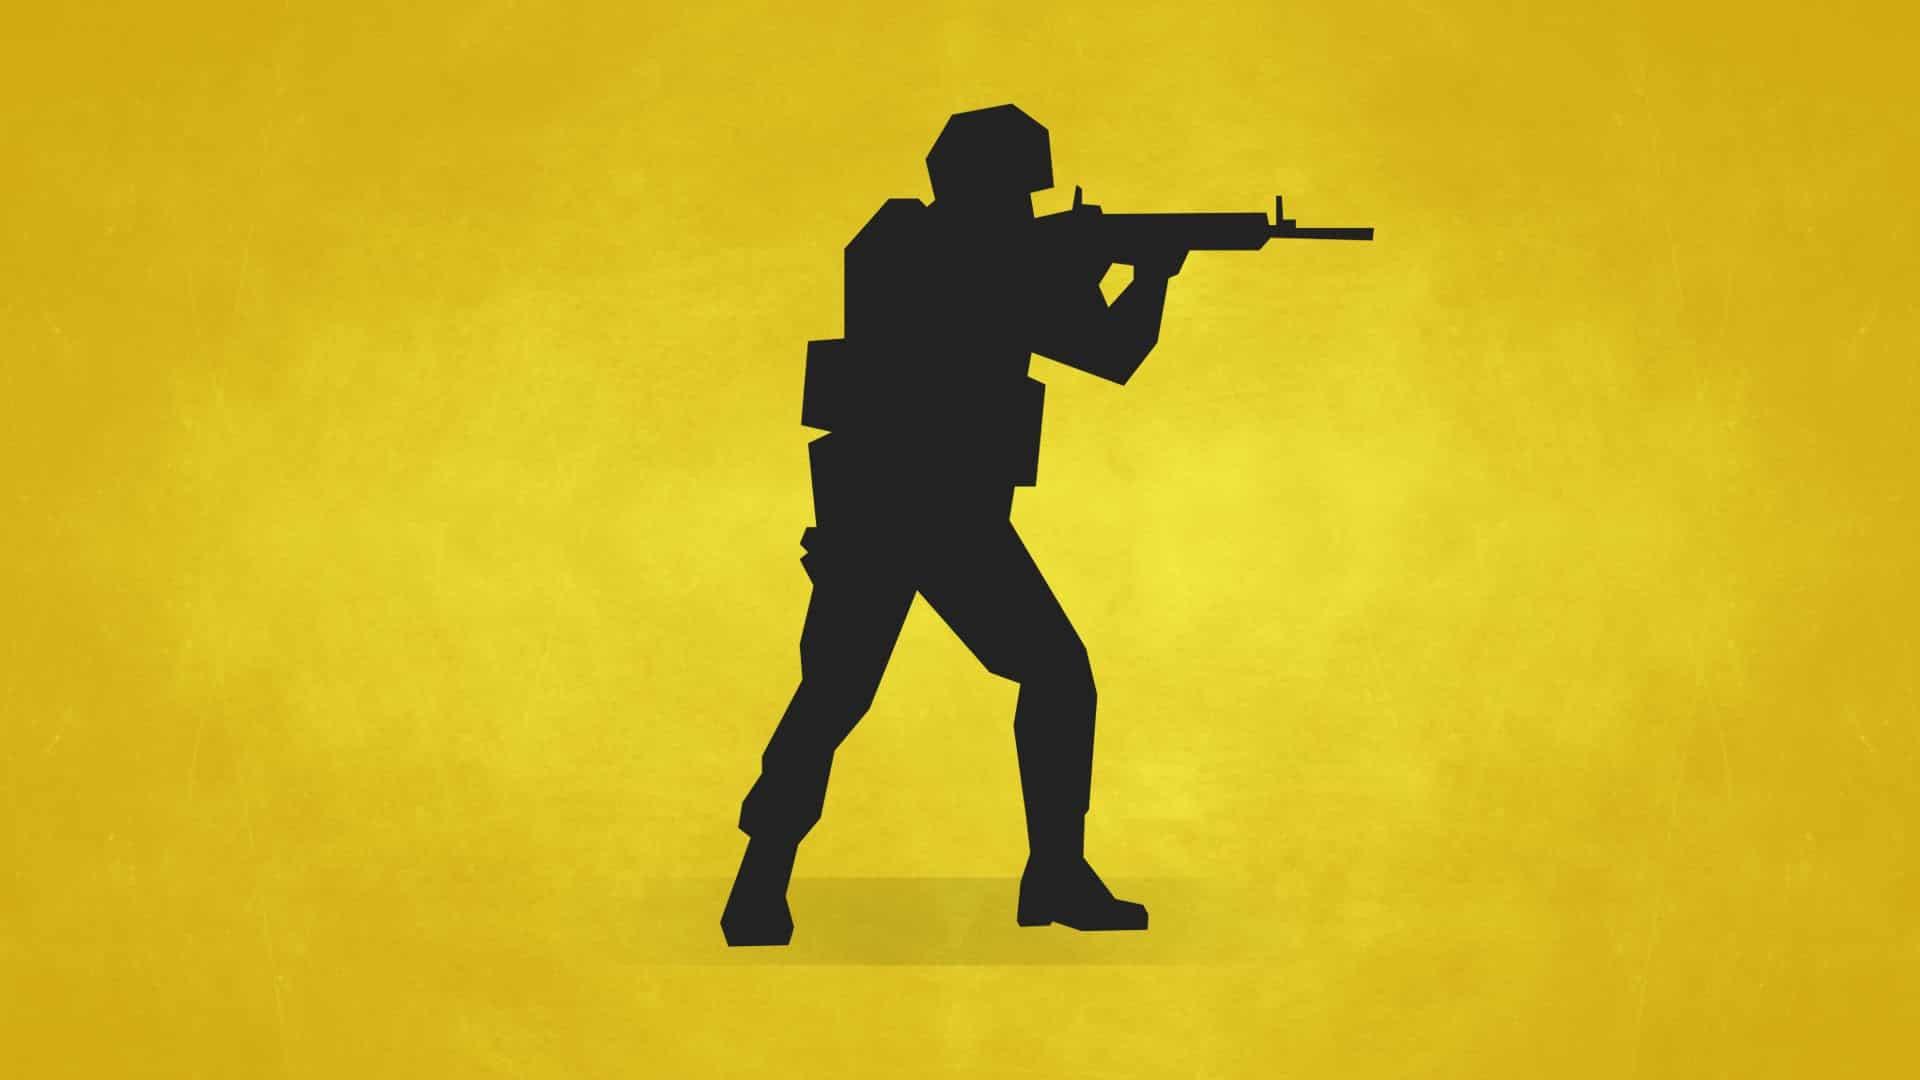 Un nuevo Counter-Strike está en camino GamersRD CSGO